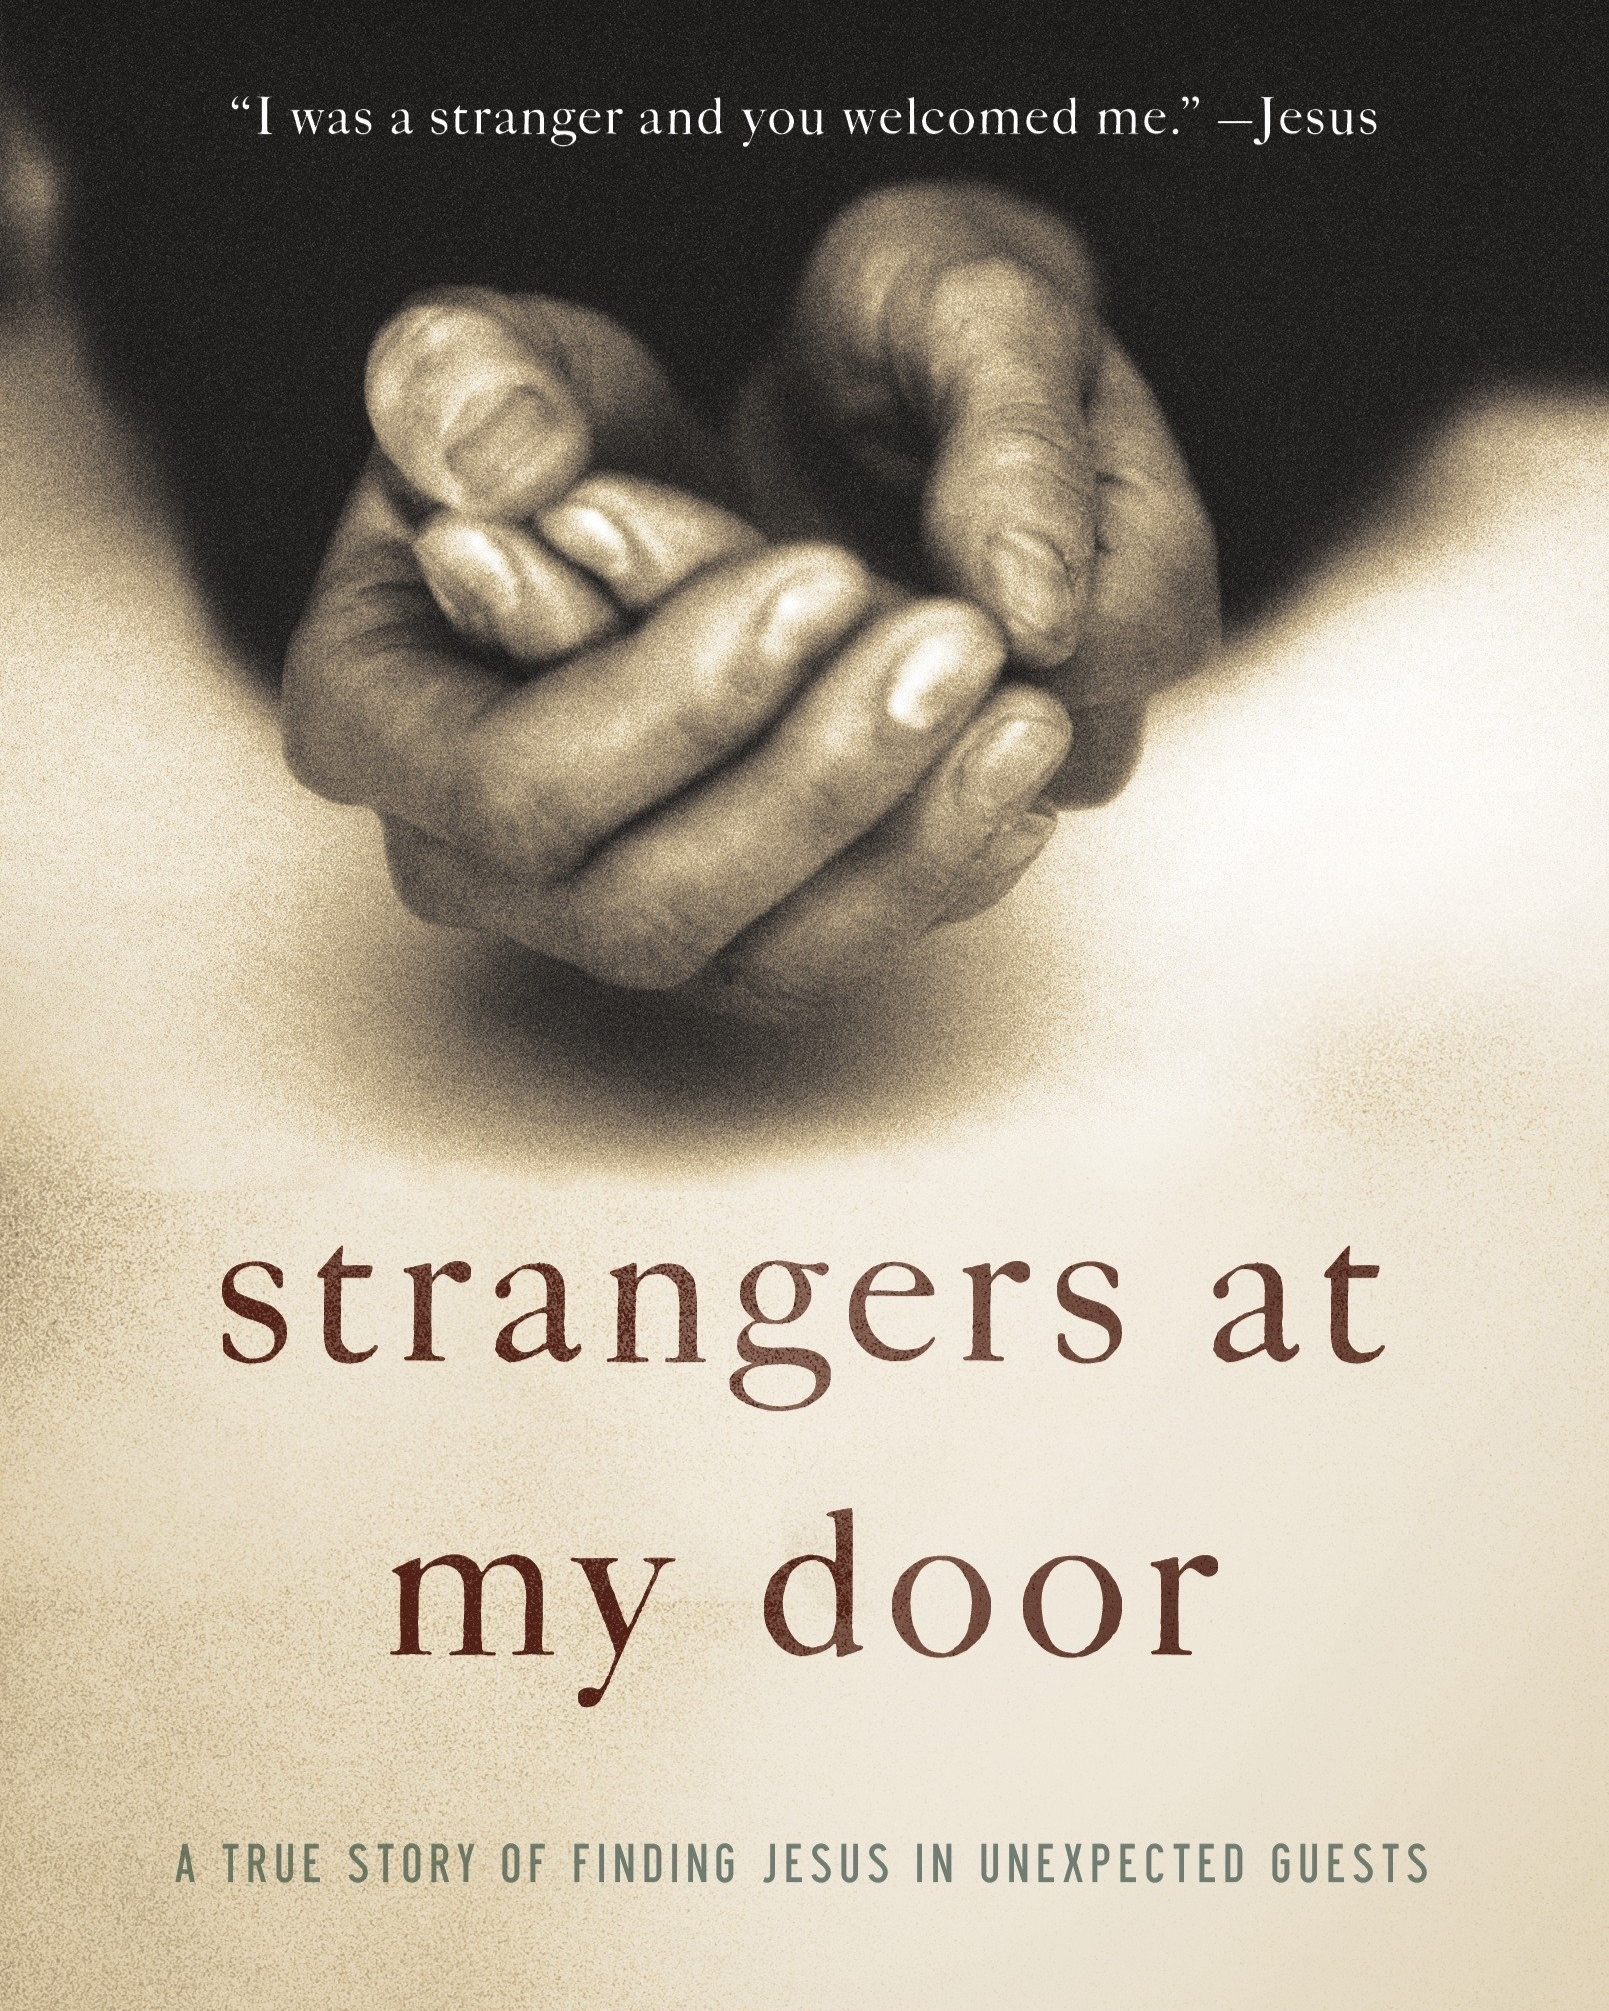 Strangers+at+my+door.jpg